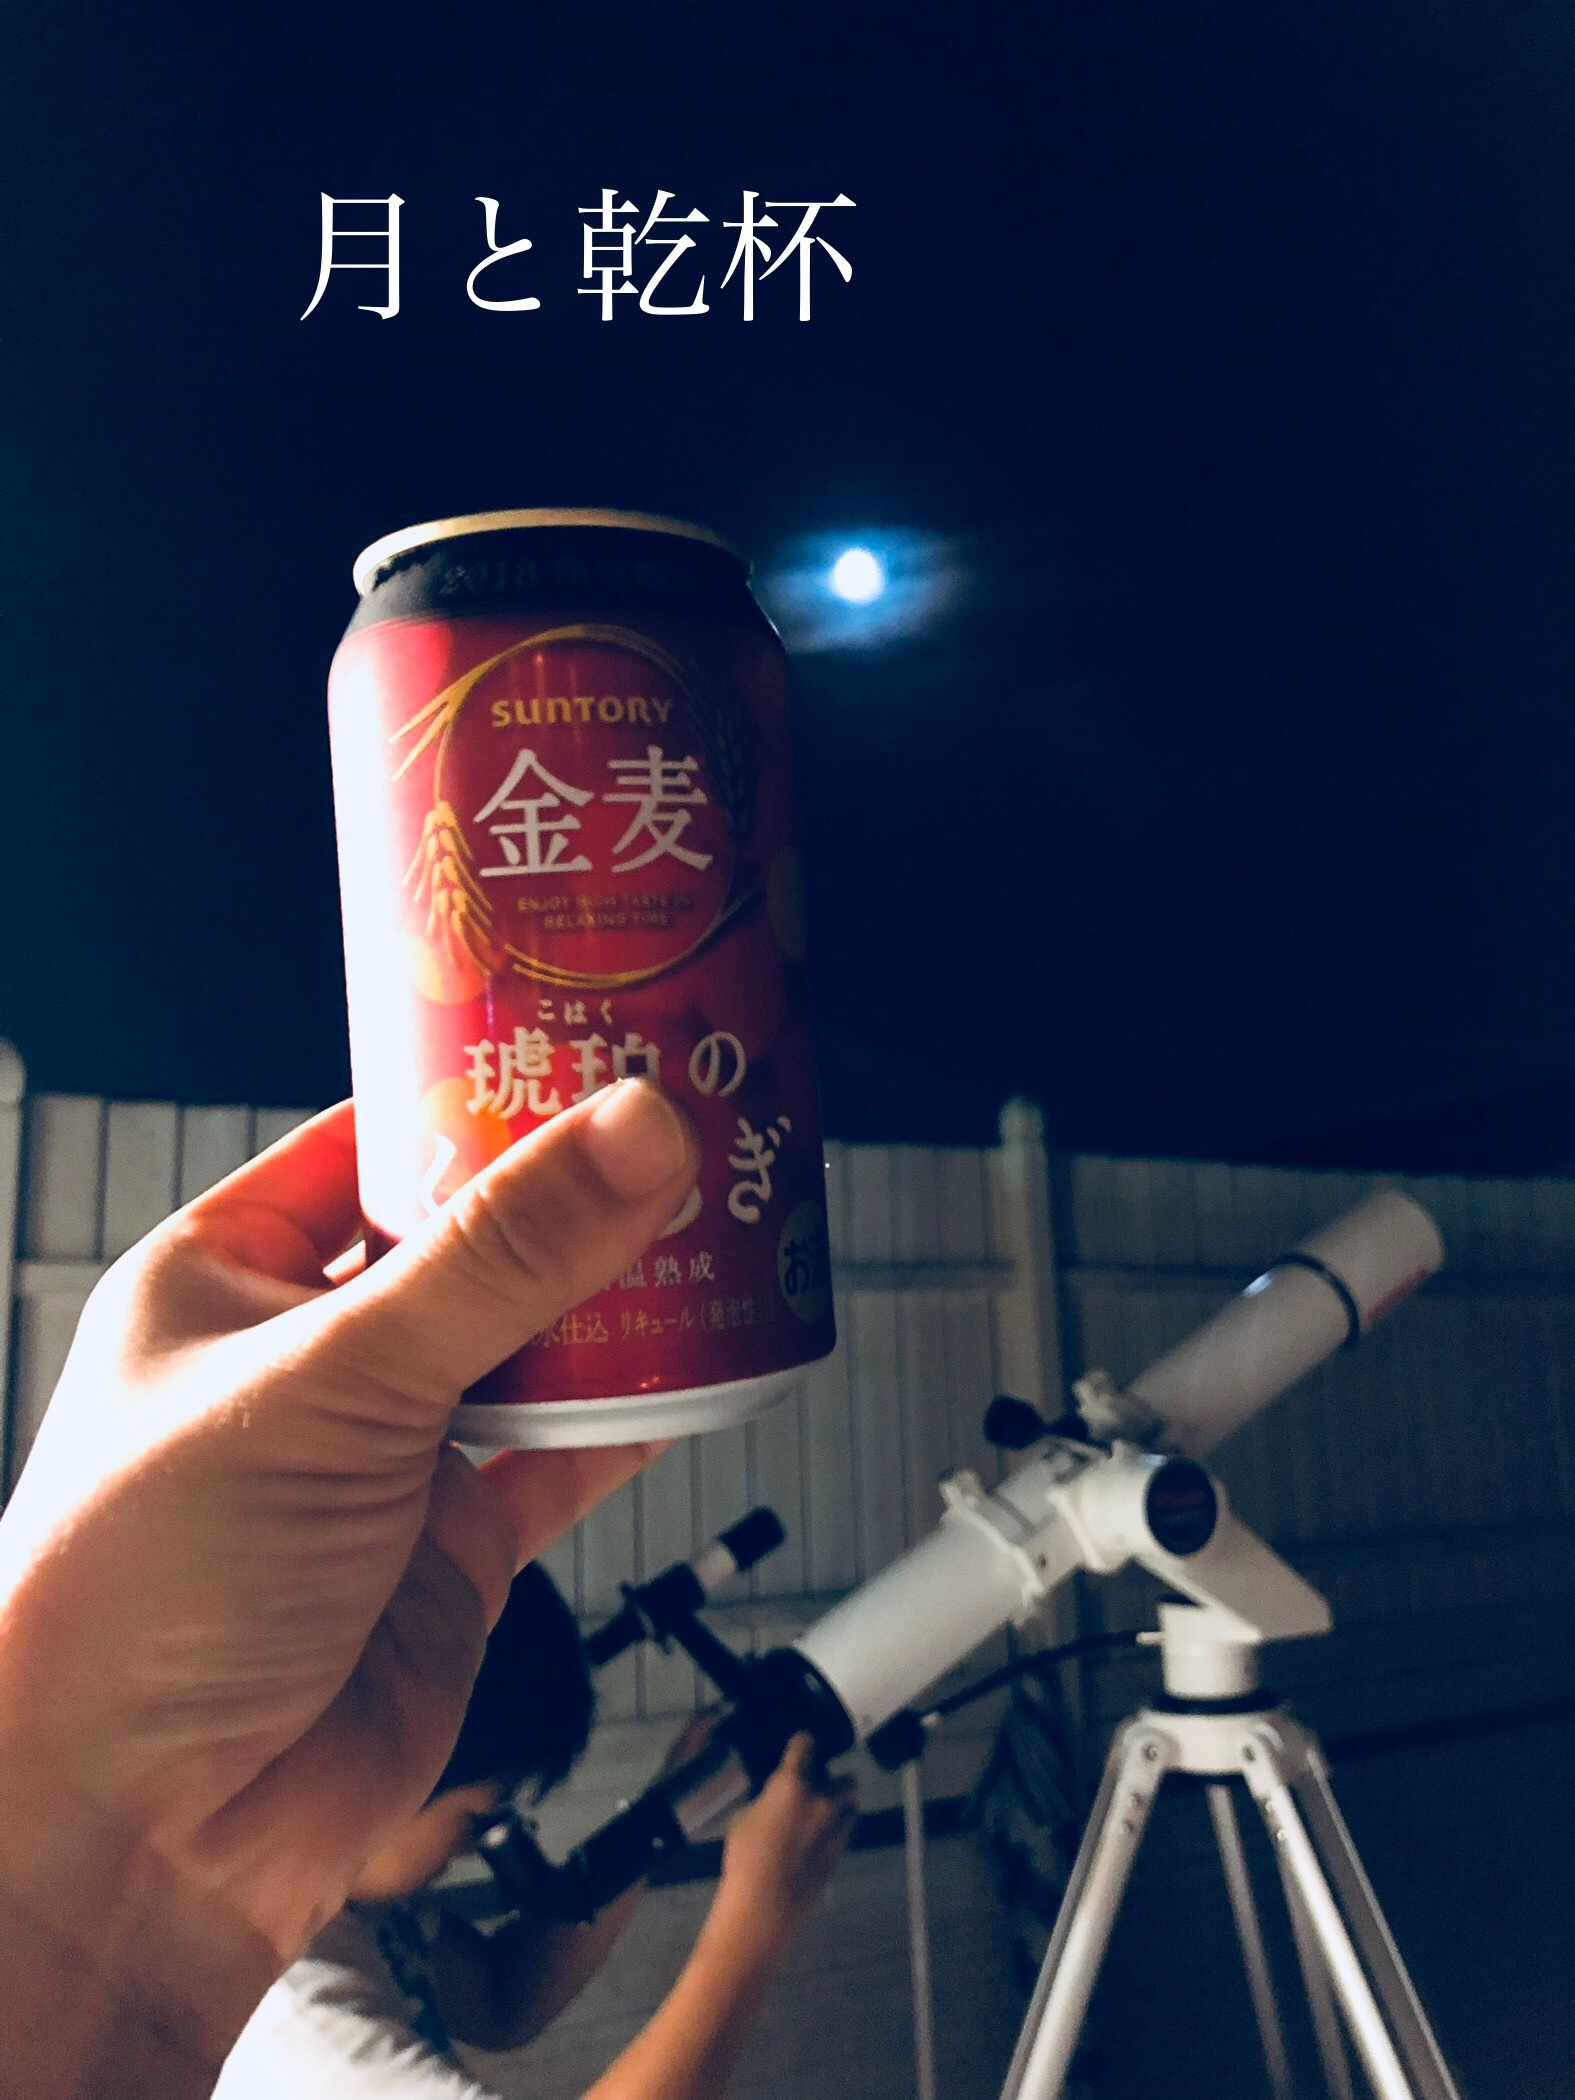 f:id:fujikana:20180923174816j:image